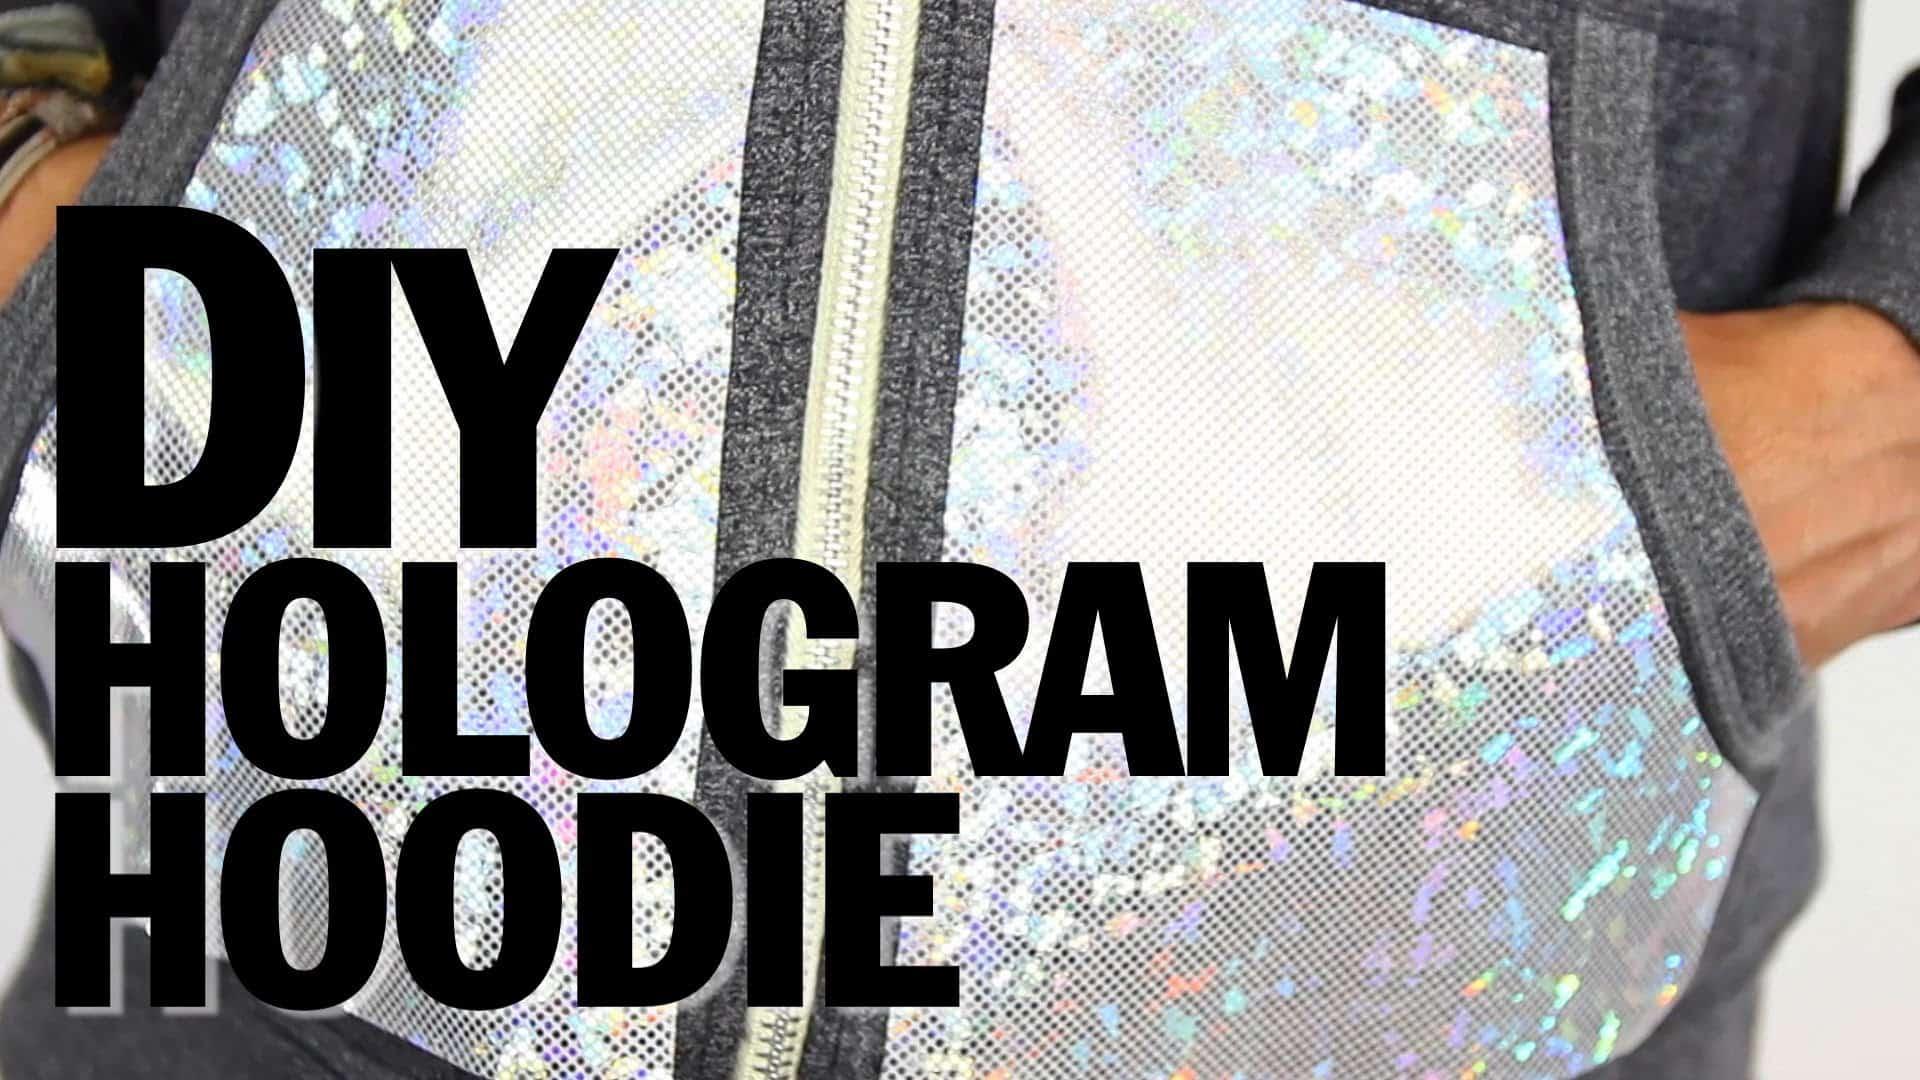 DIY hologram hoodie